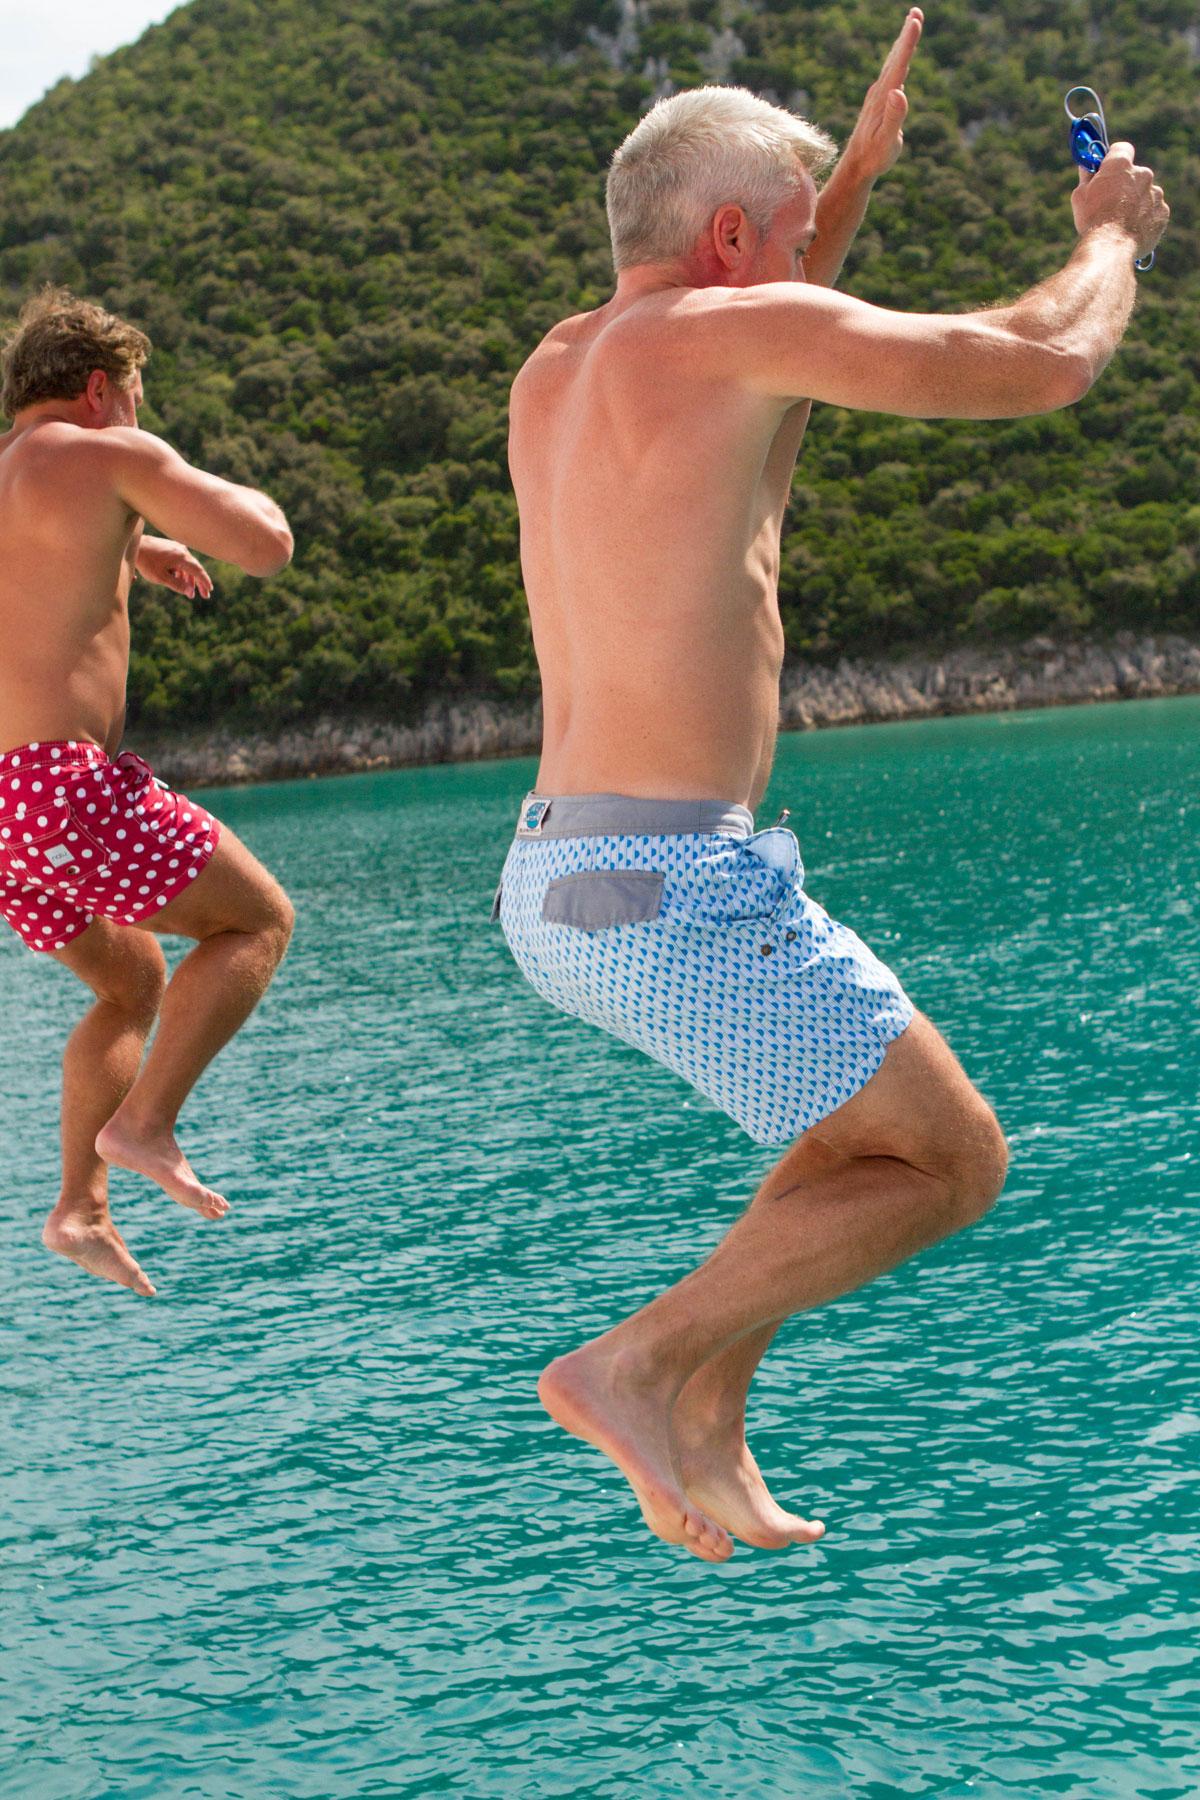 Lets-go-for-a-swim_sailing-Dalmatia-Coas